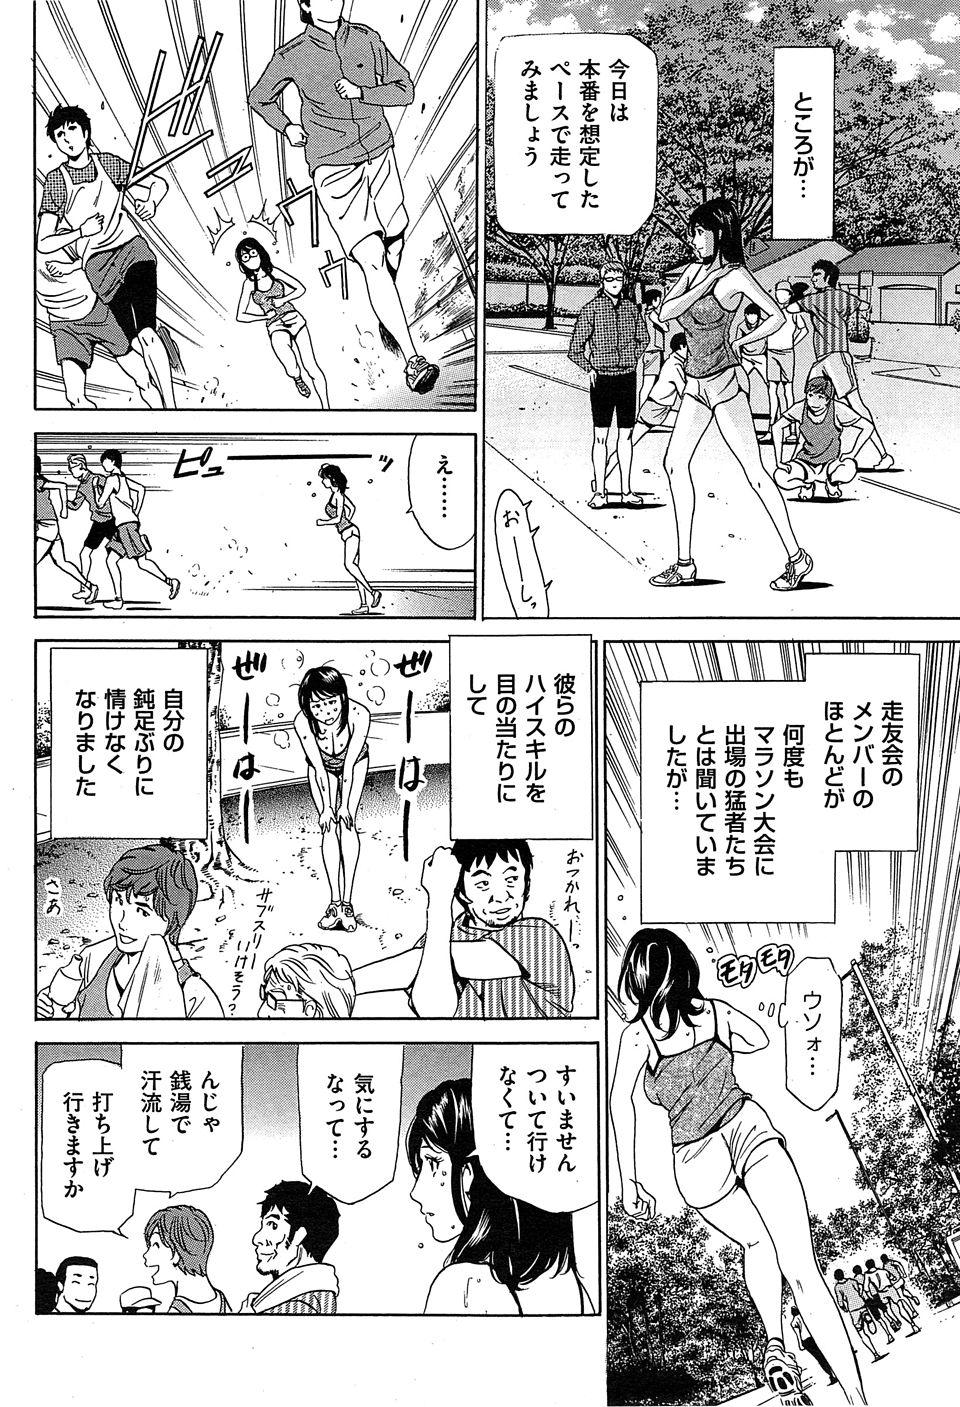 【エロ漫画・エロ同人誌】巨乳OLがジョギングの走友会仲間と乱交エッチしてるwww (4)